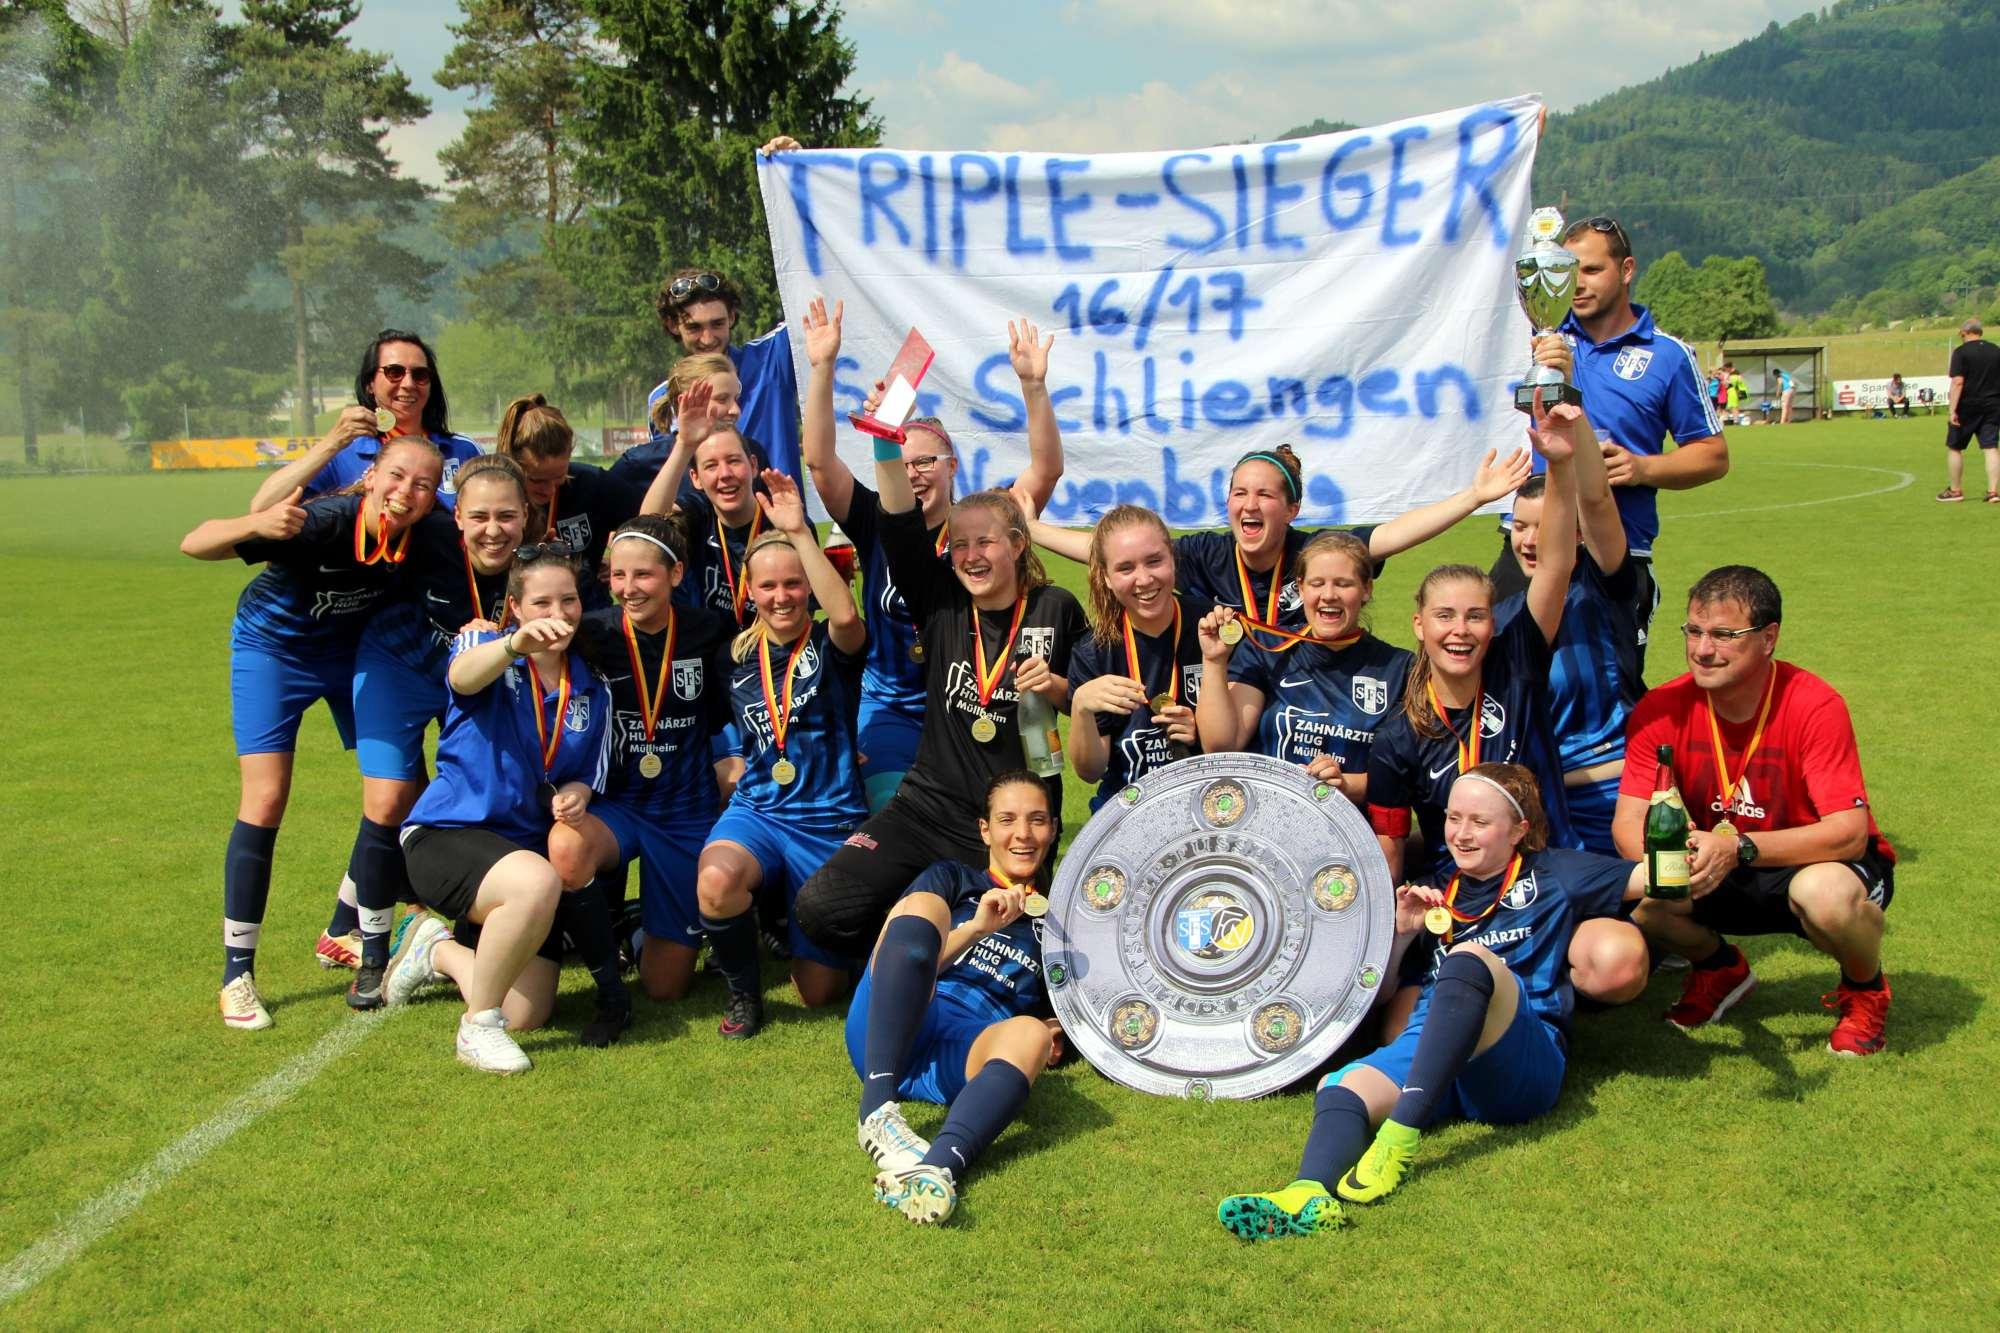 Die SG Schliengen / Neuenburg ist Bezirkspokalsieger 2017